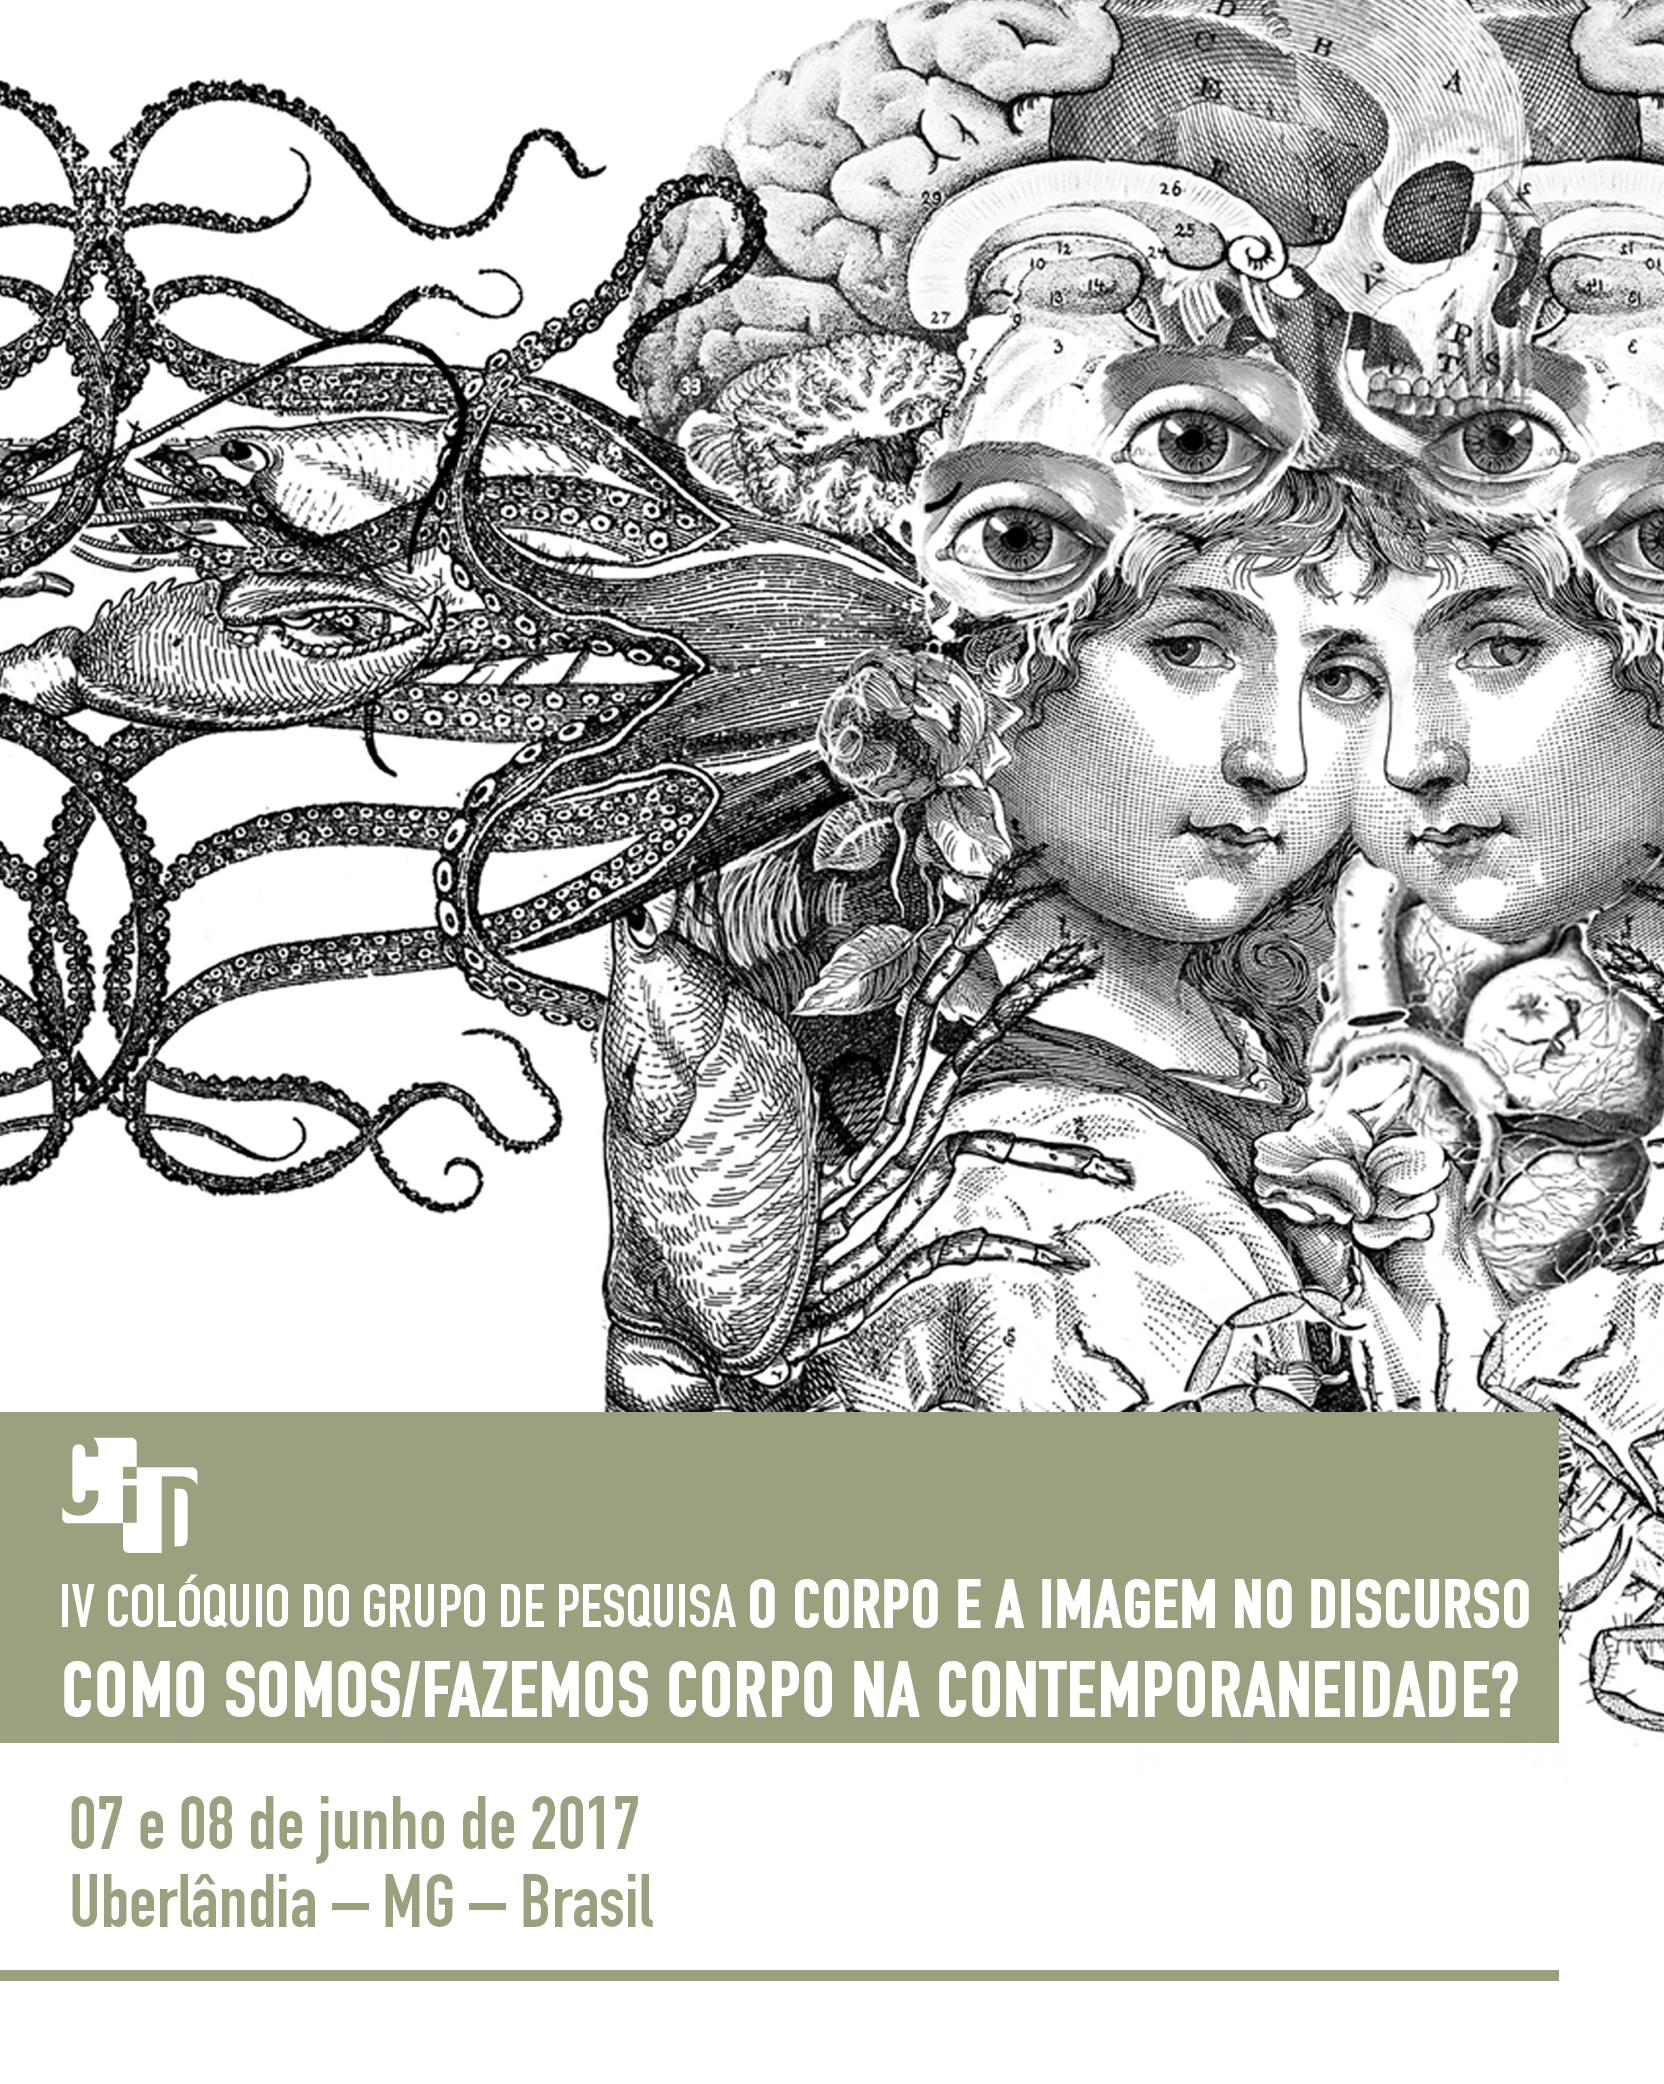 http://www.ileel.ufu.br/cid/index.php/iv-cid-como-somosfazemos-corpo-na-contemporaneidade/